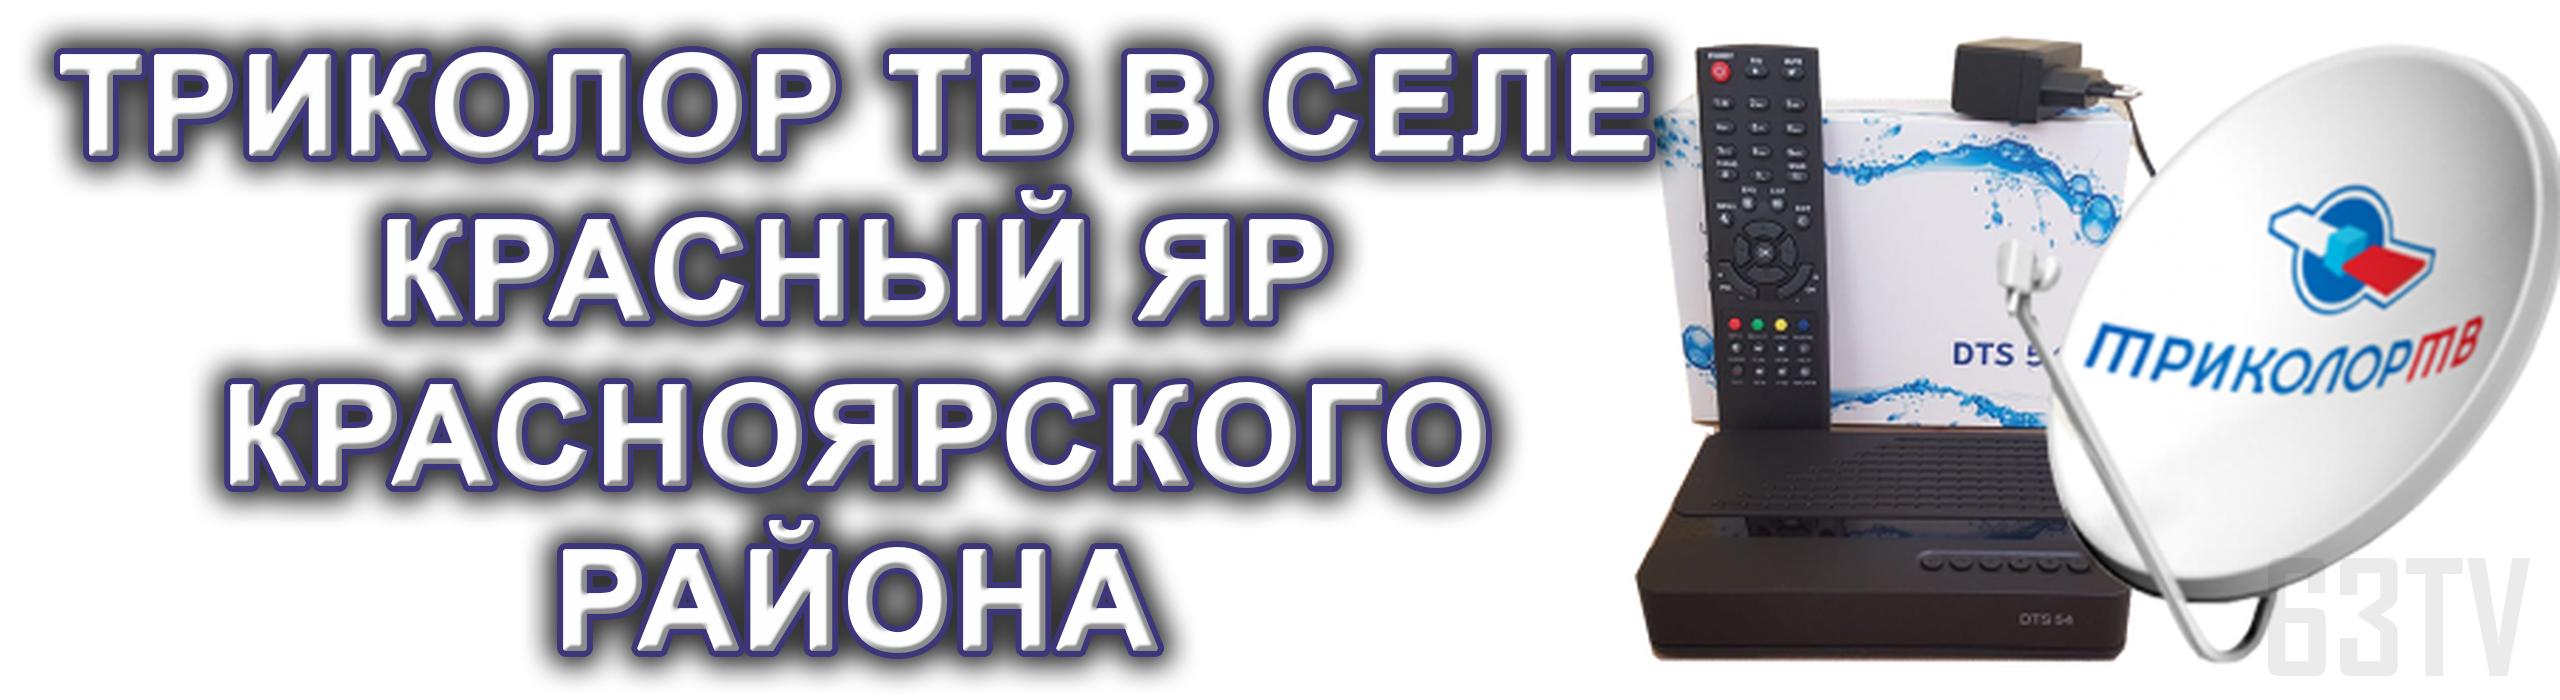 Триколор тв в селе красный яр красноярского района